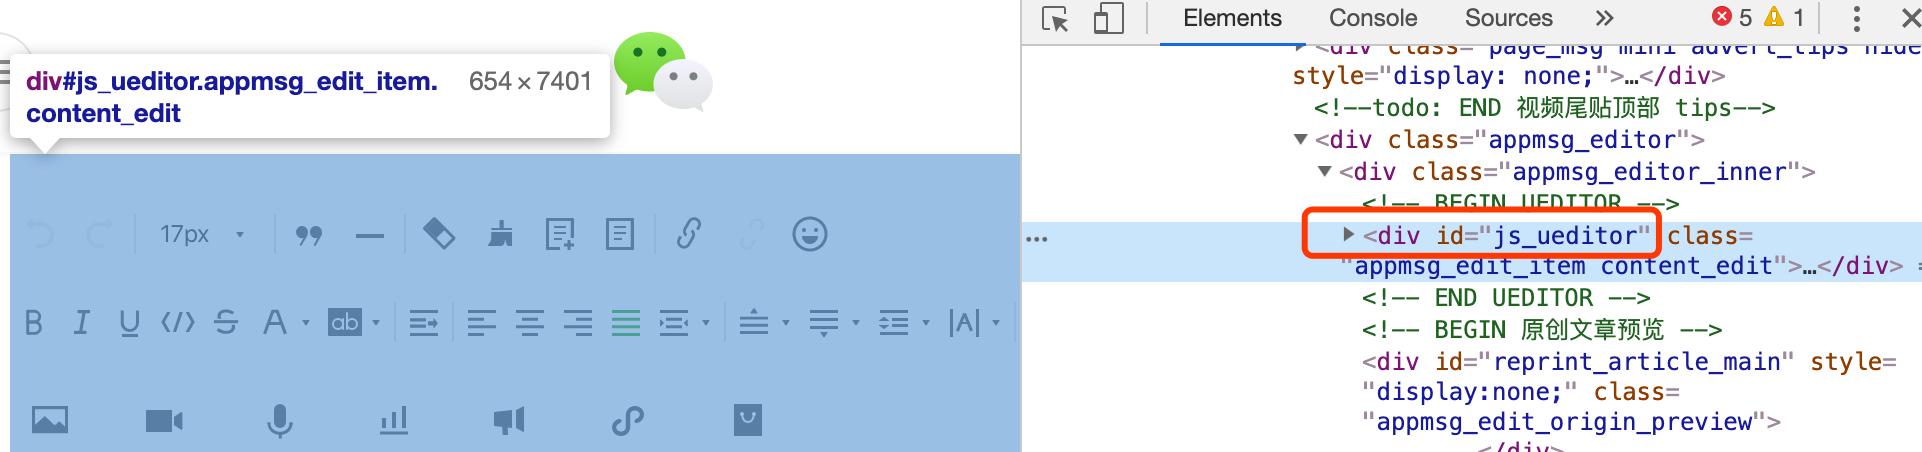 浏览器检查元素